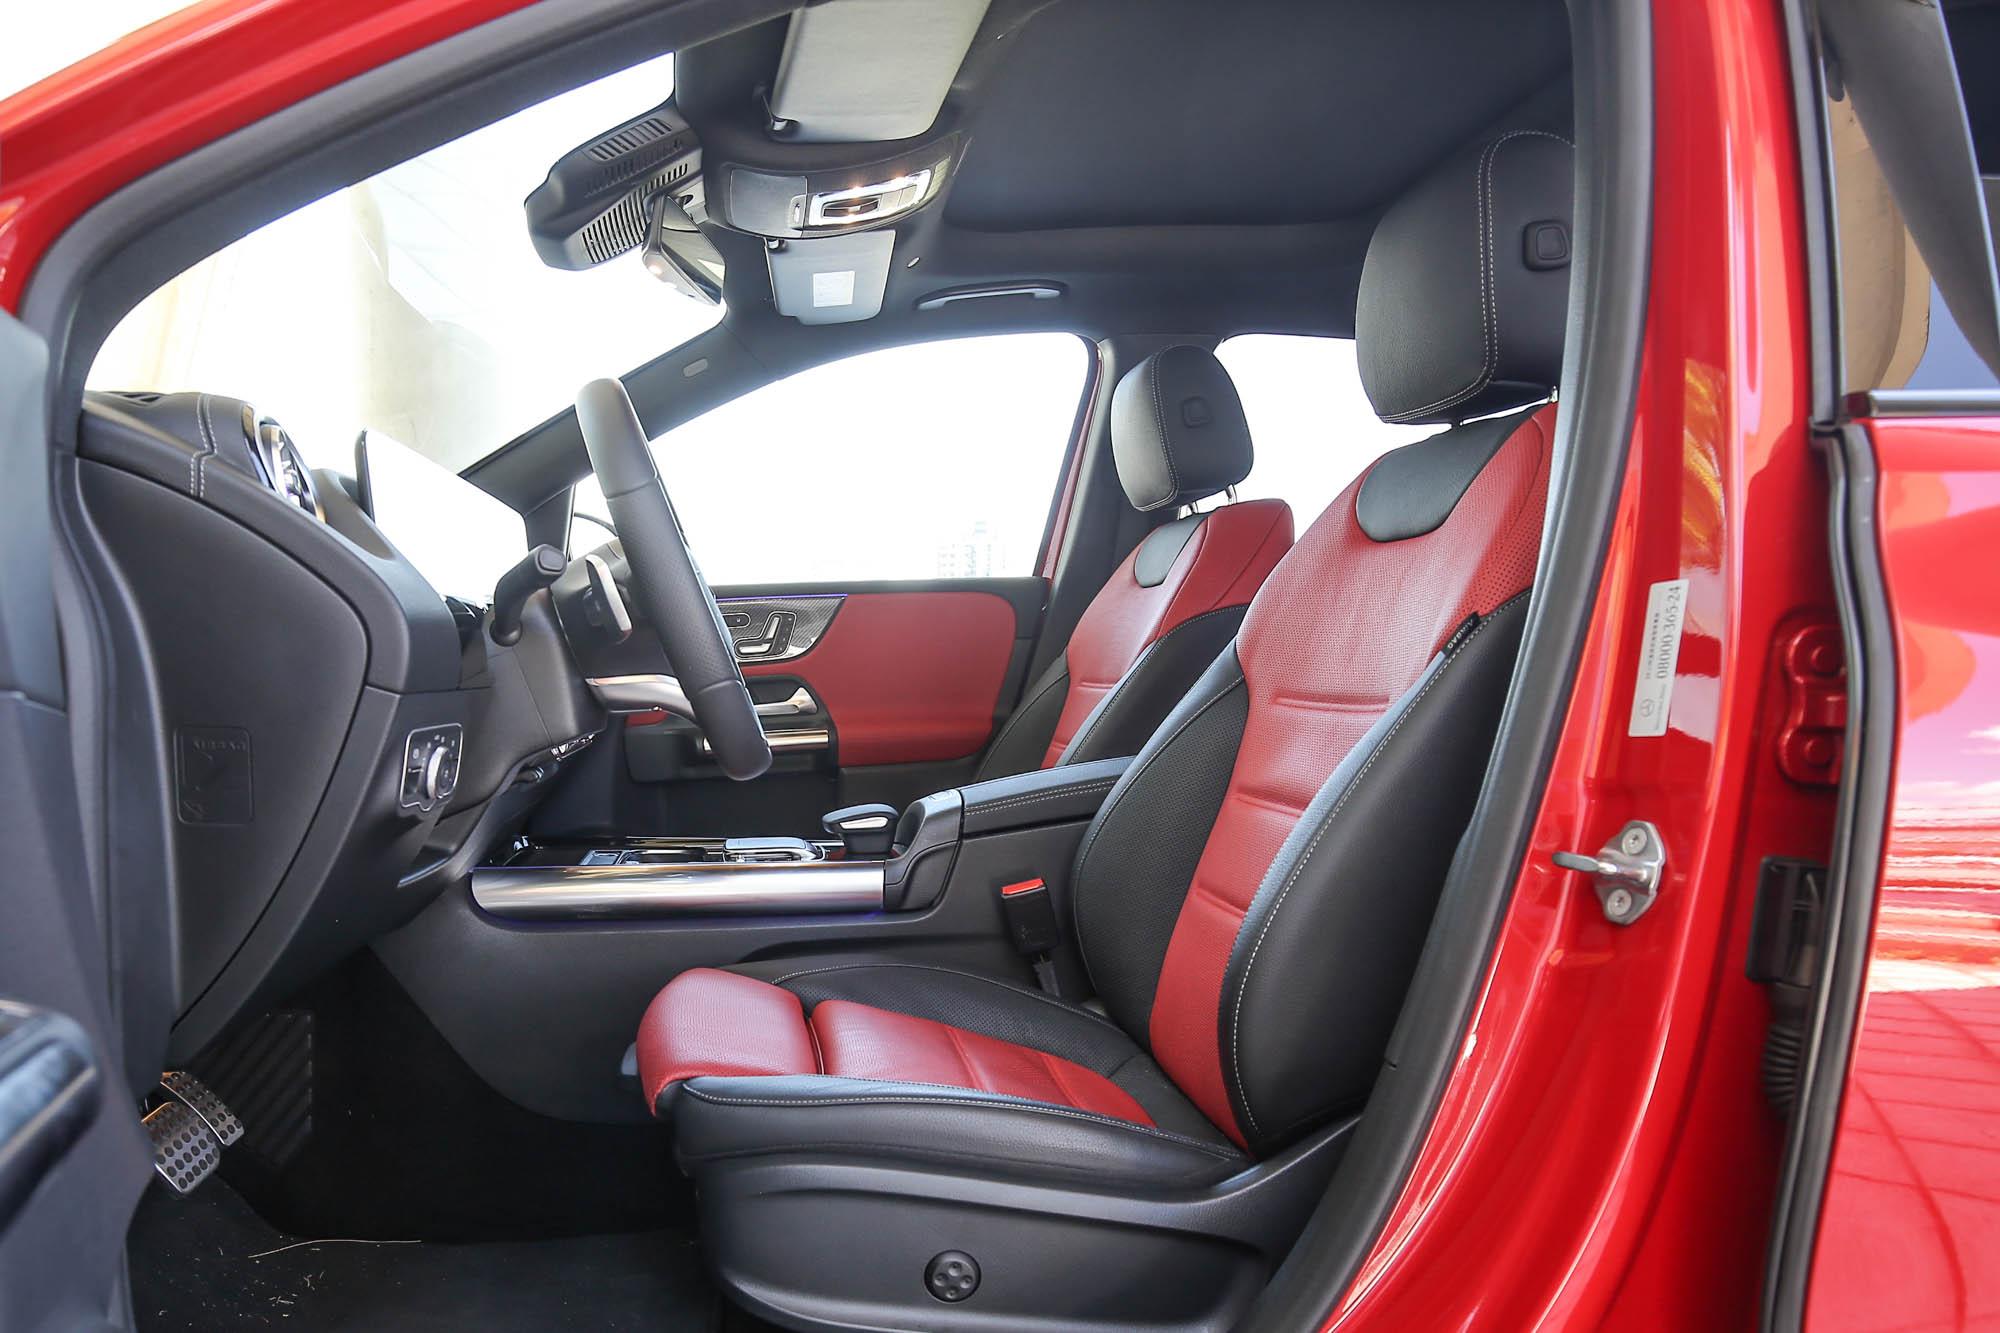 此車選配紅黑雙色真皮跑車型座椅,附電動前乘客座椅記憶及通風、加熱功能。